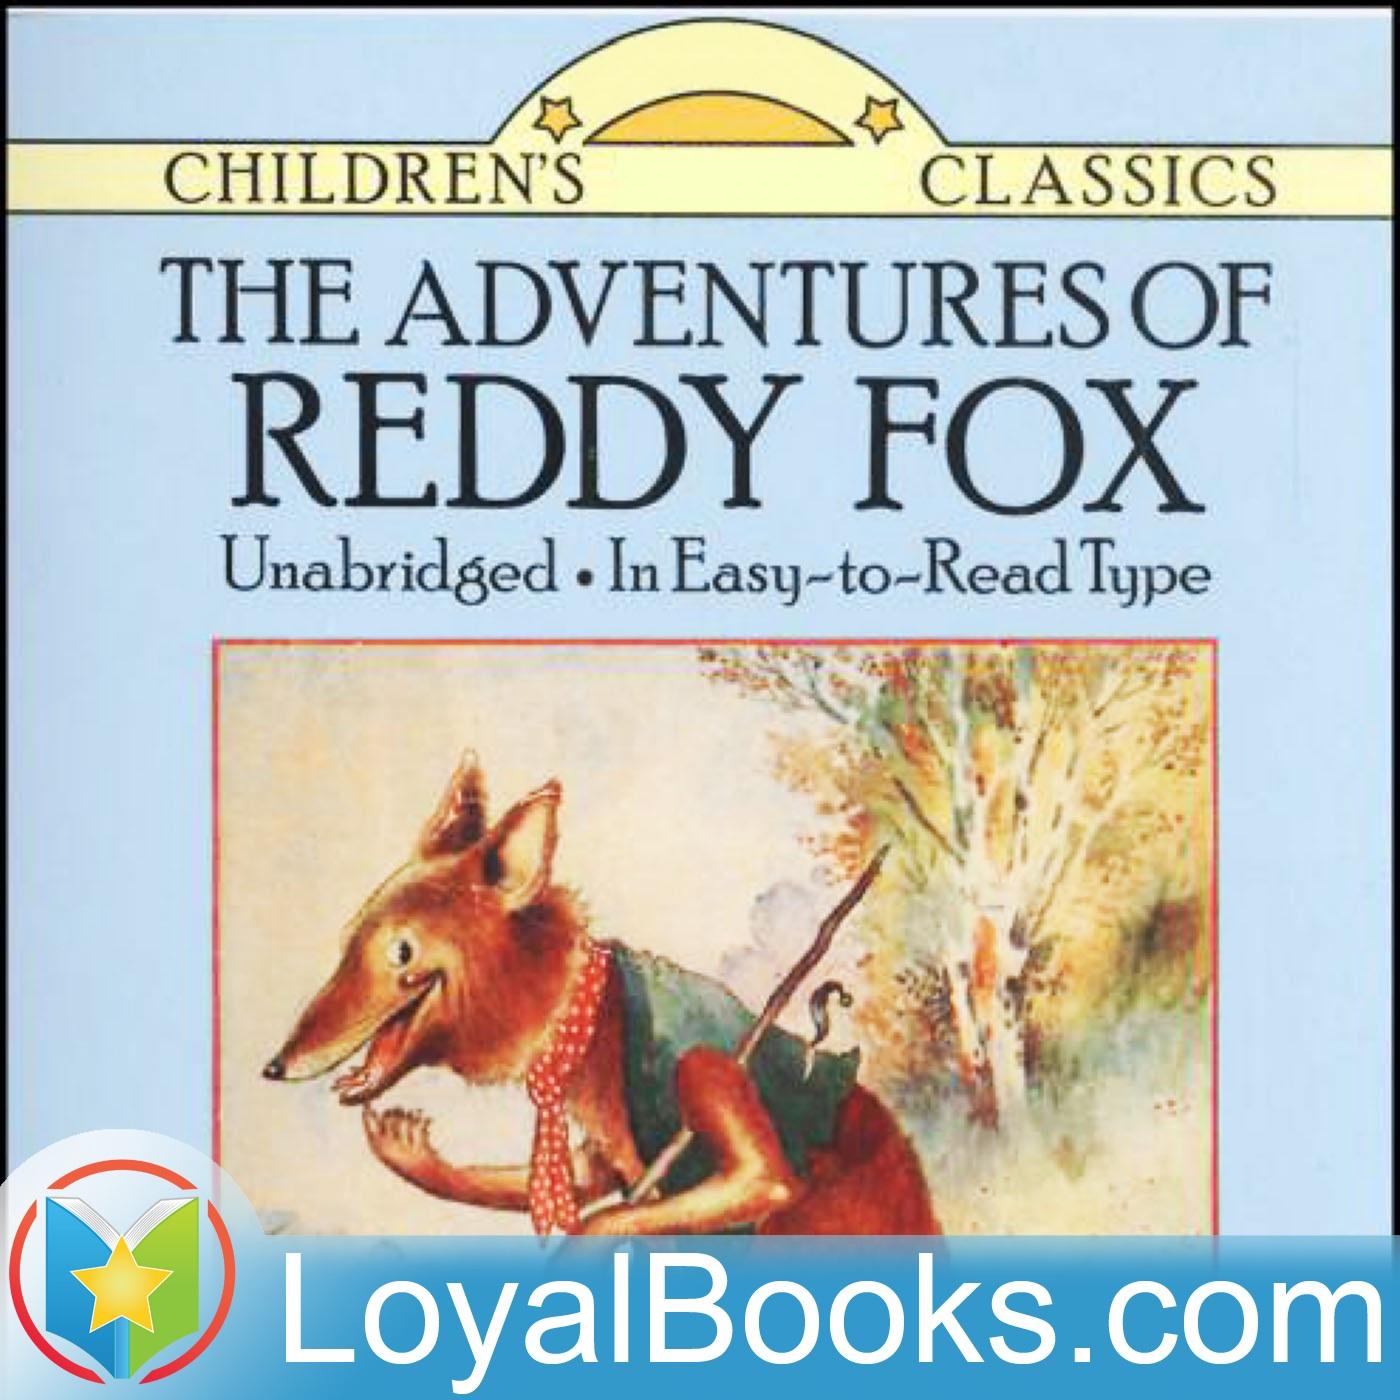 <![CDATA[The Adventures of Reddy Fox by Thornton W. Burgess]]>